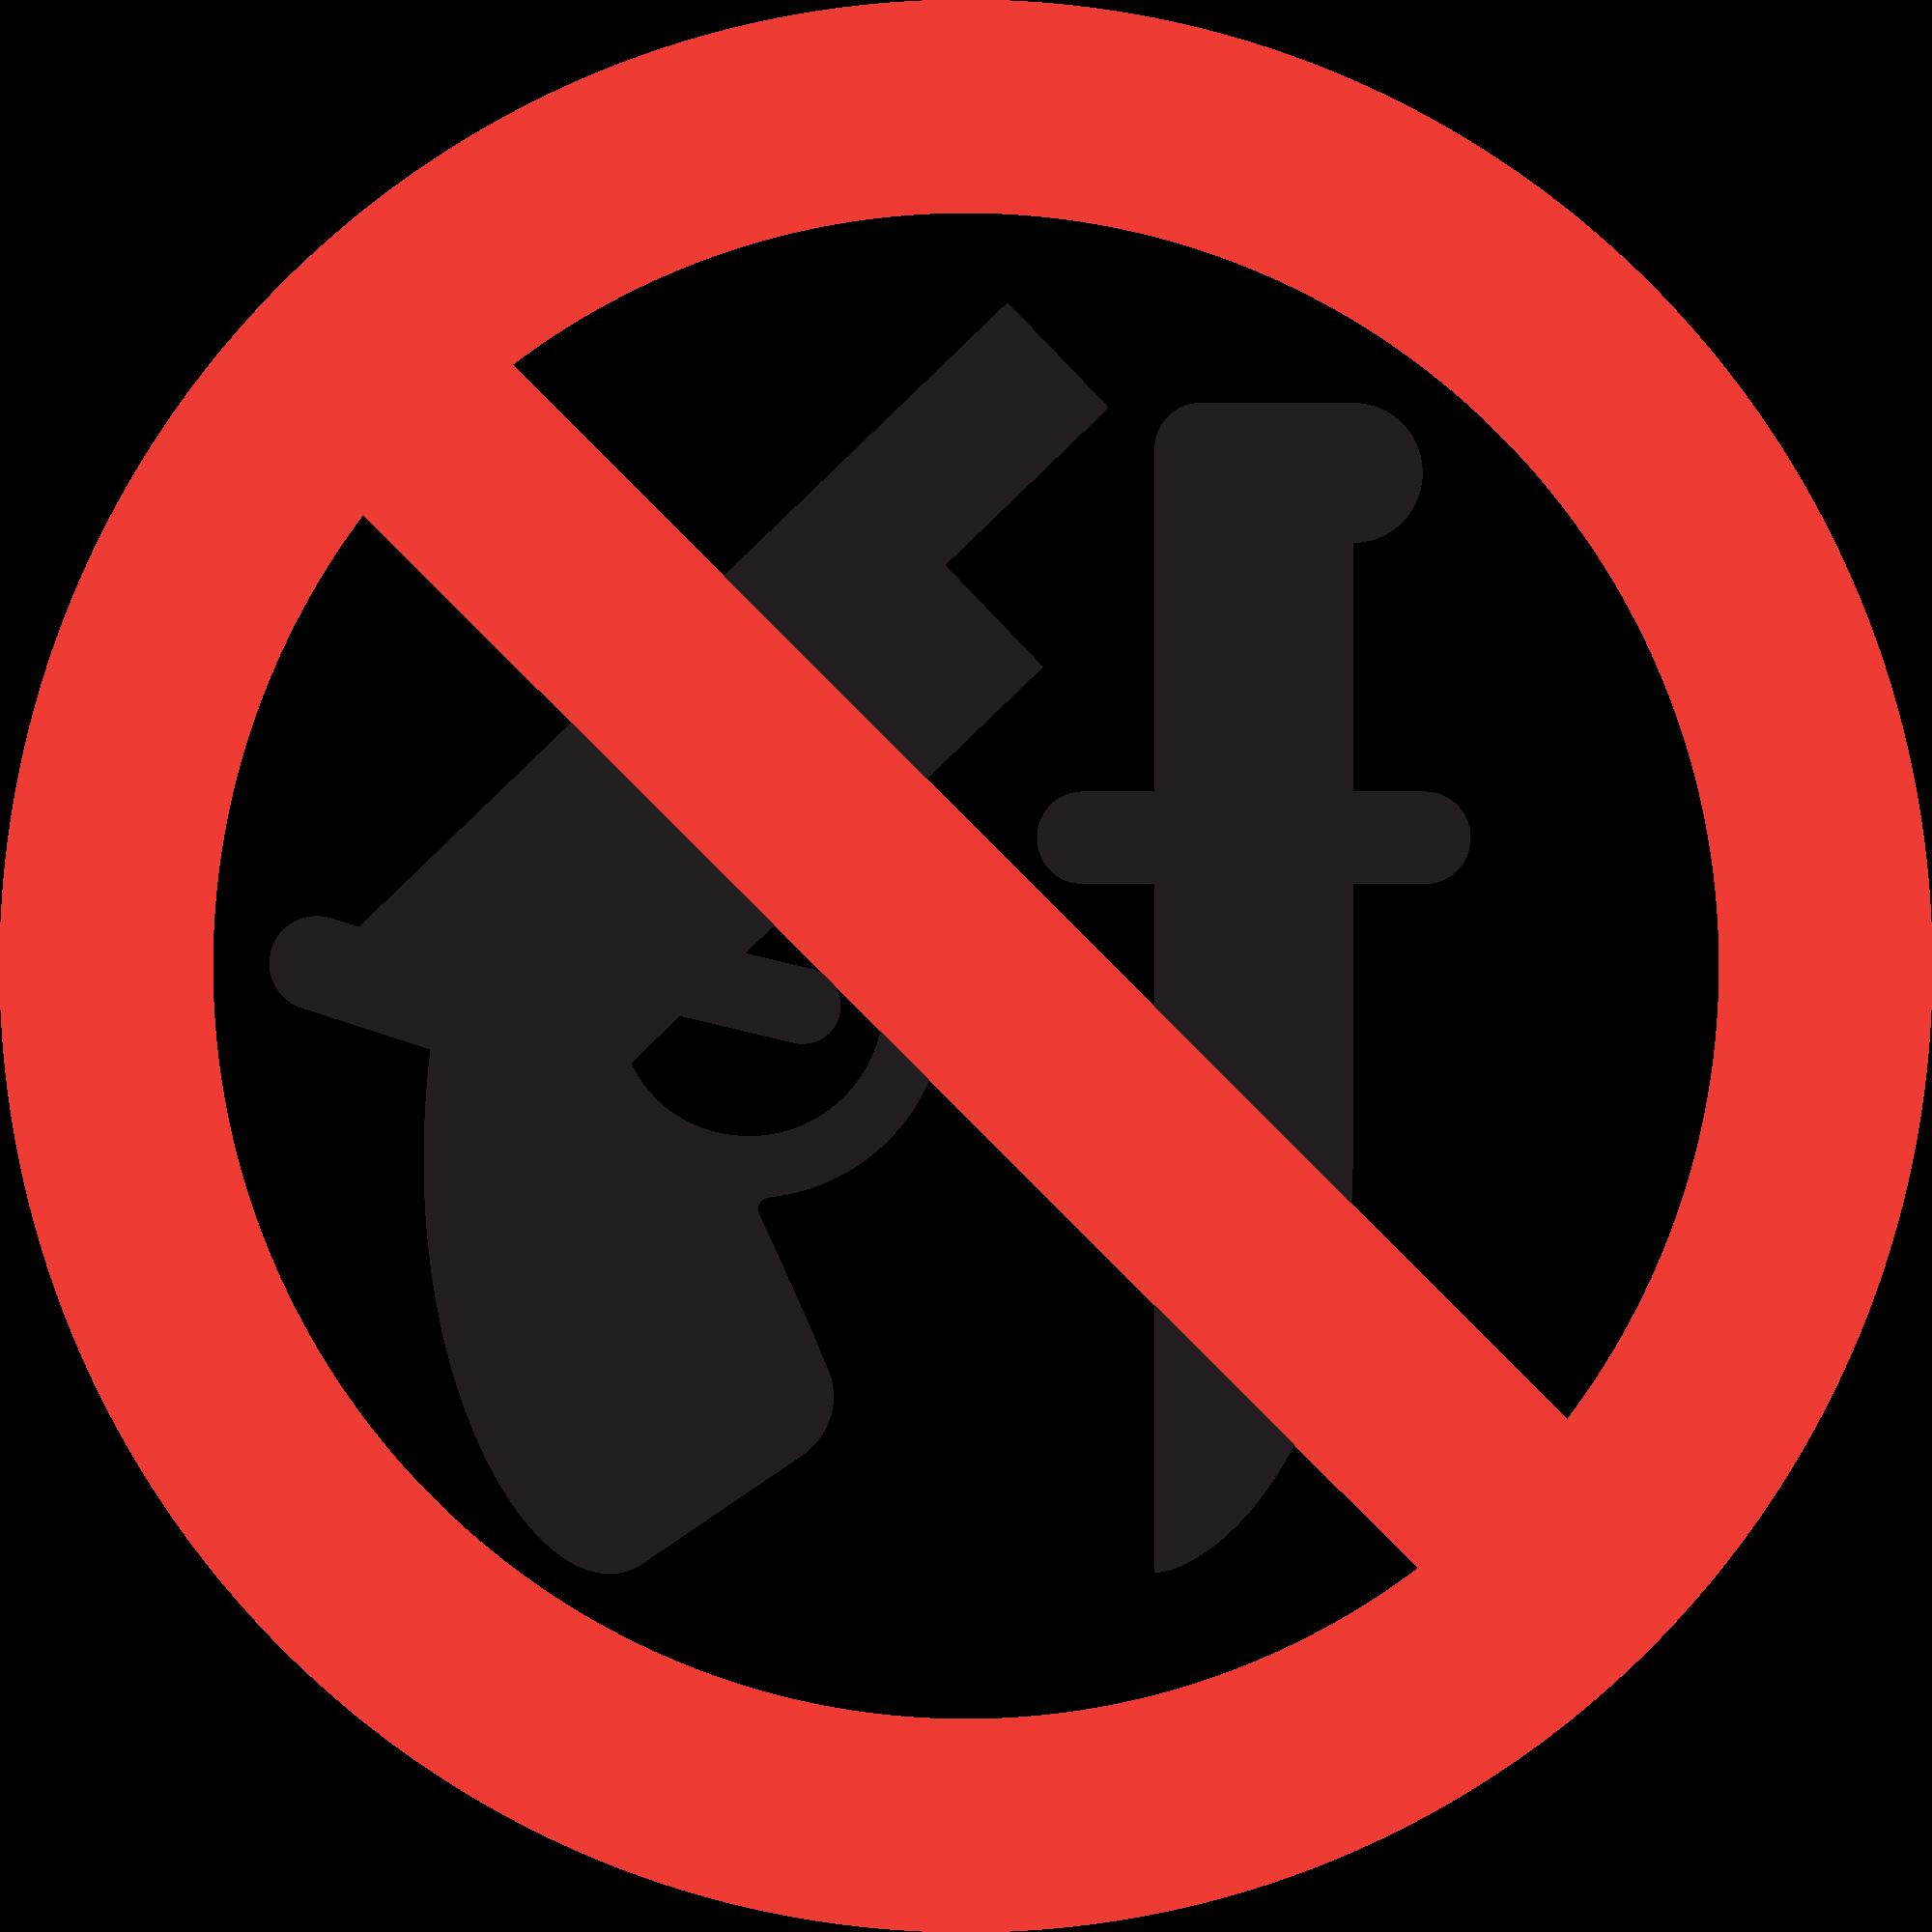 """Знак """"Оружие запрещено"""""""